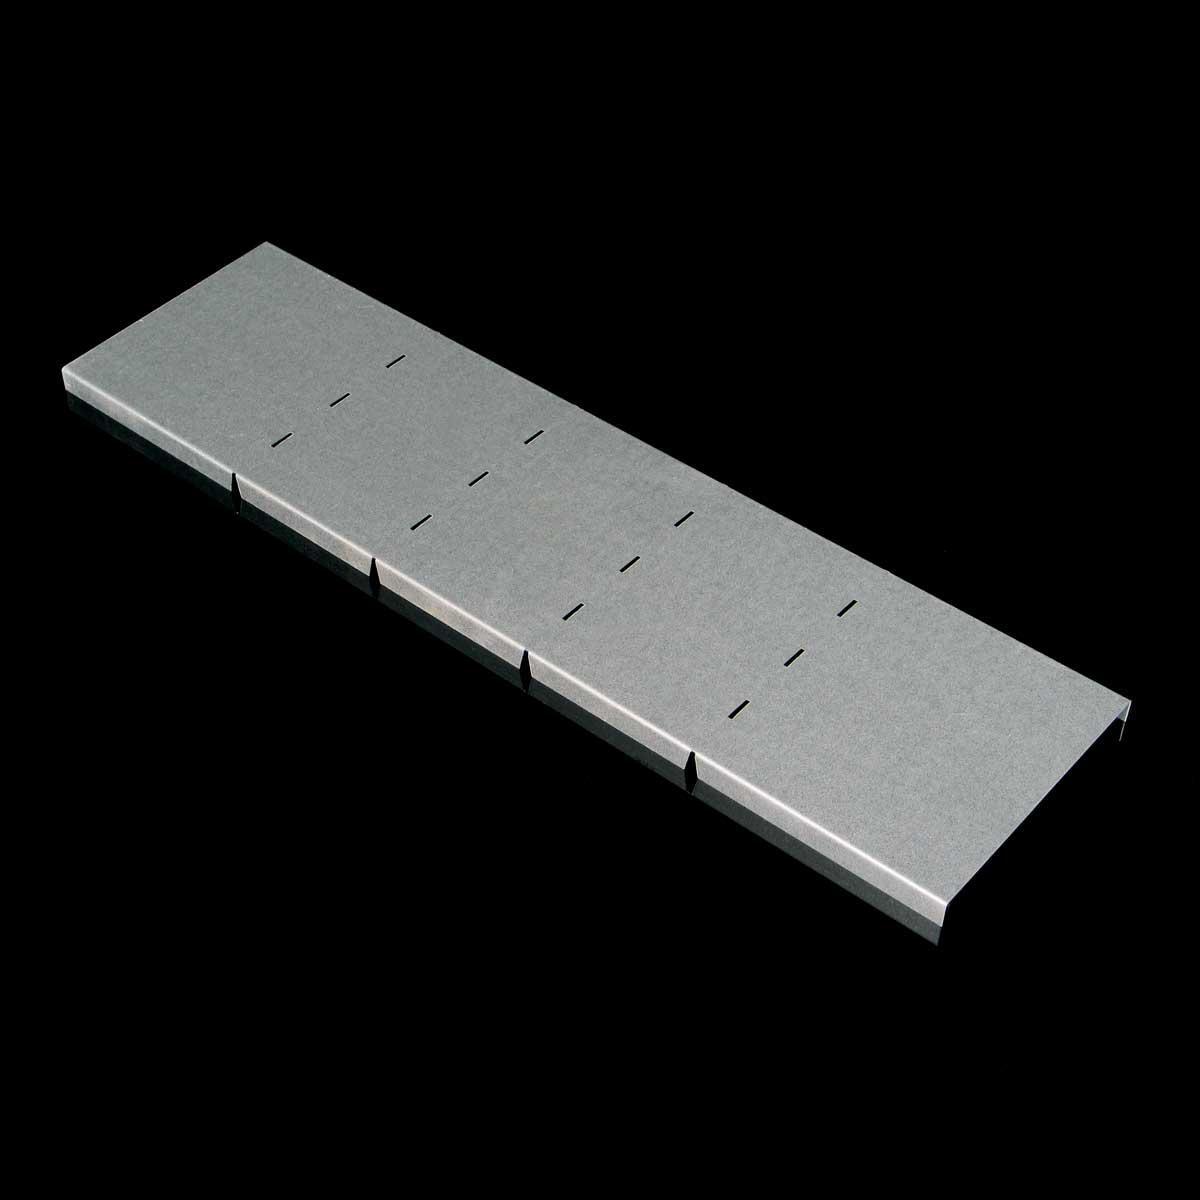 Кришка вертикального повороту зовнішнього 90° JUPITER; розміри-110x400x295mm Товщ. метал-1 Вага-1,29кг/м